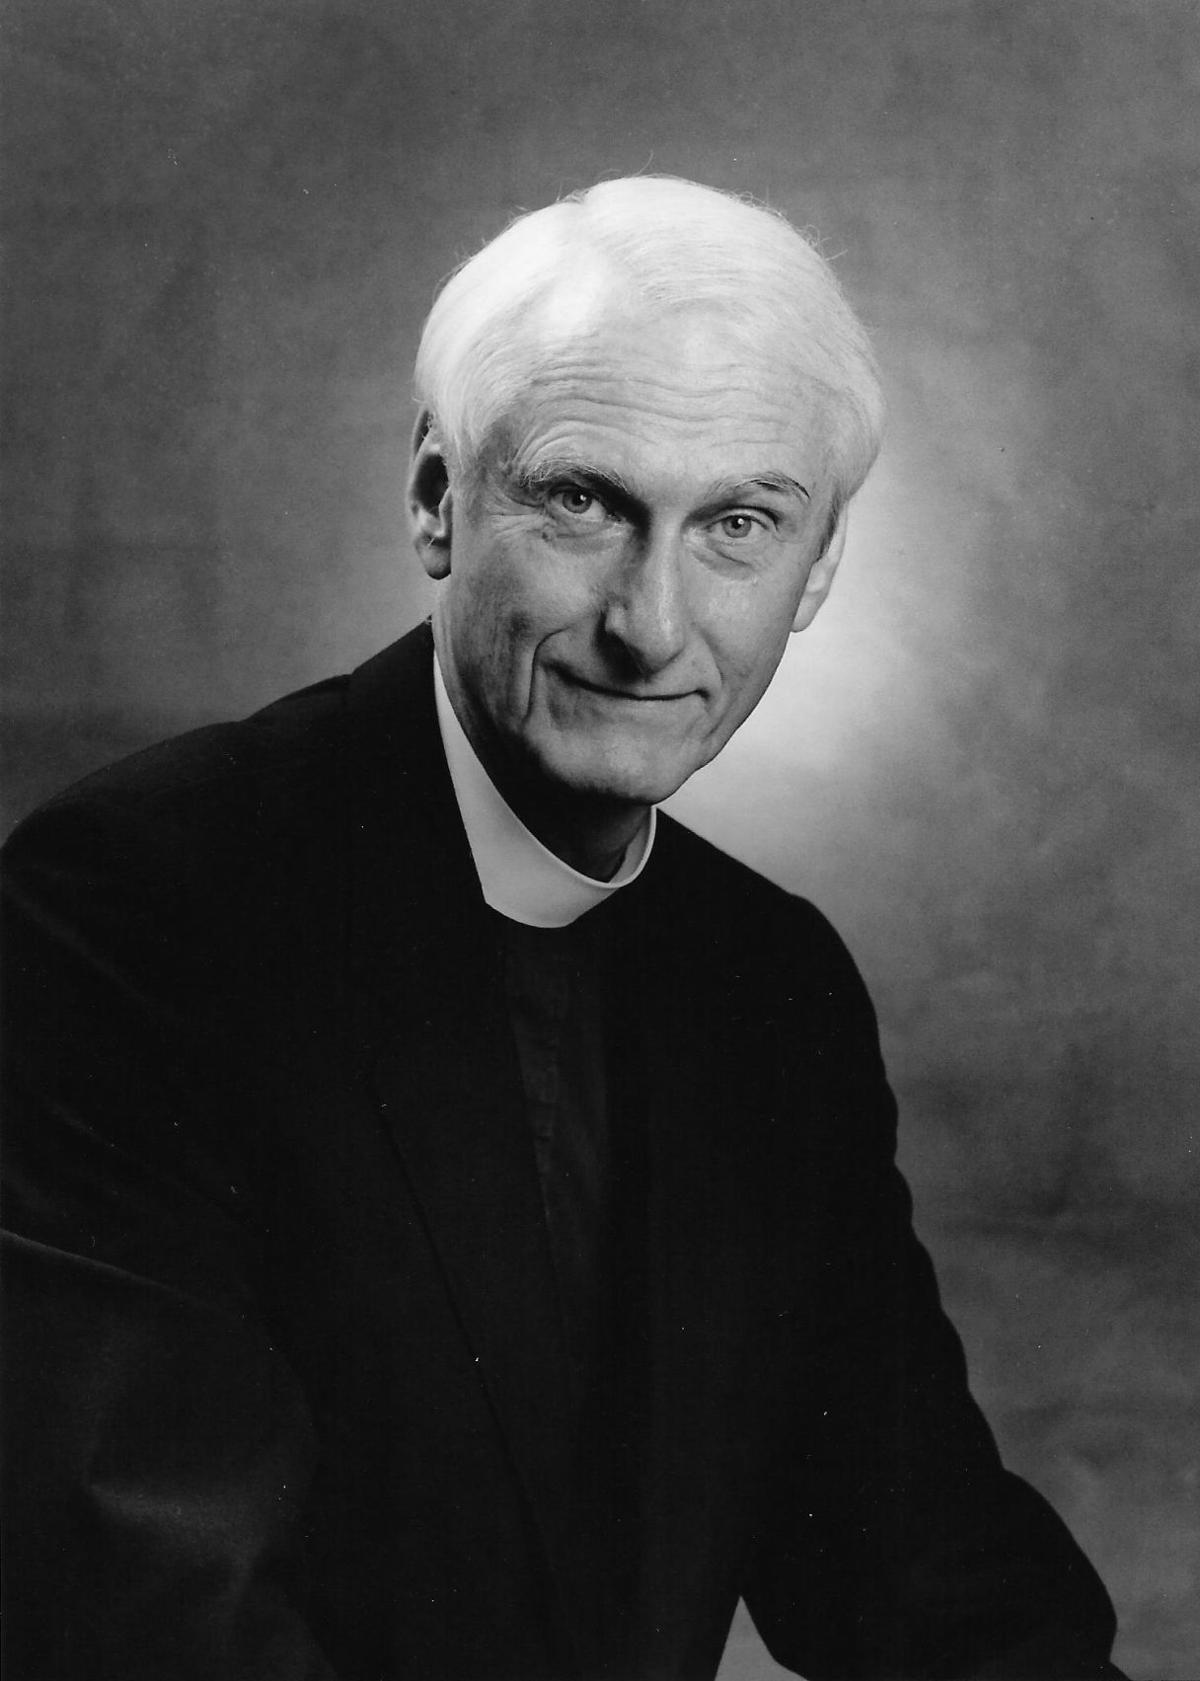 John C. Donovan